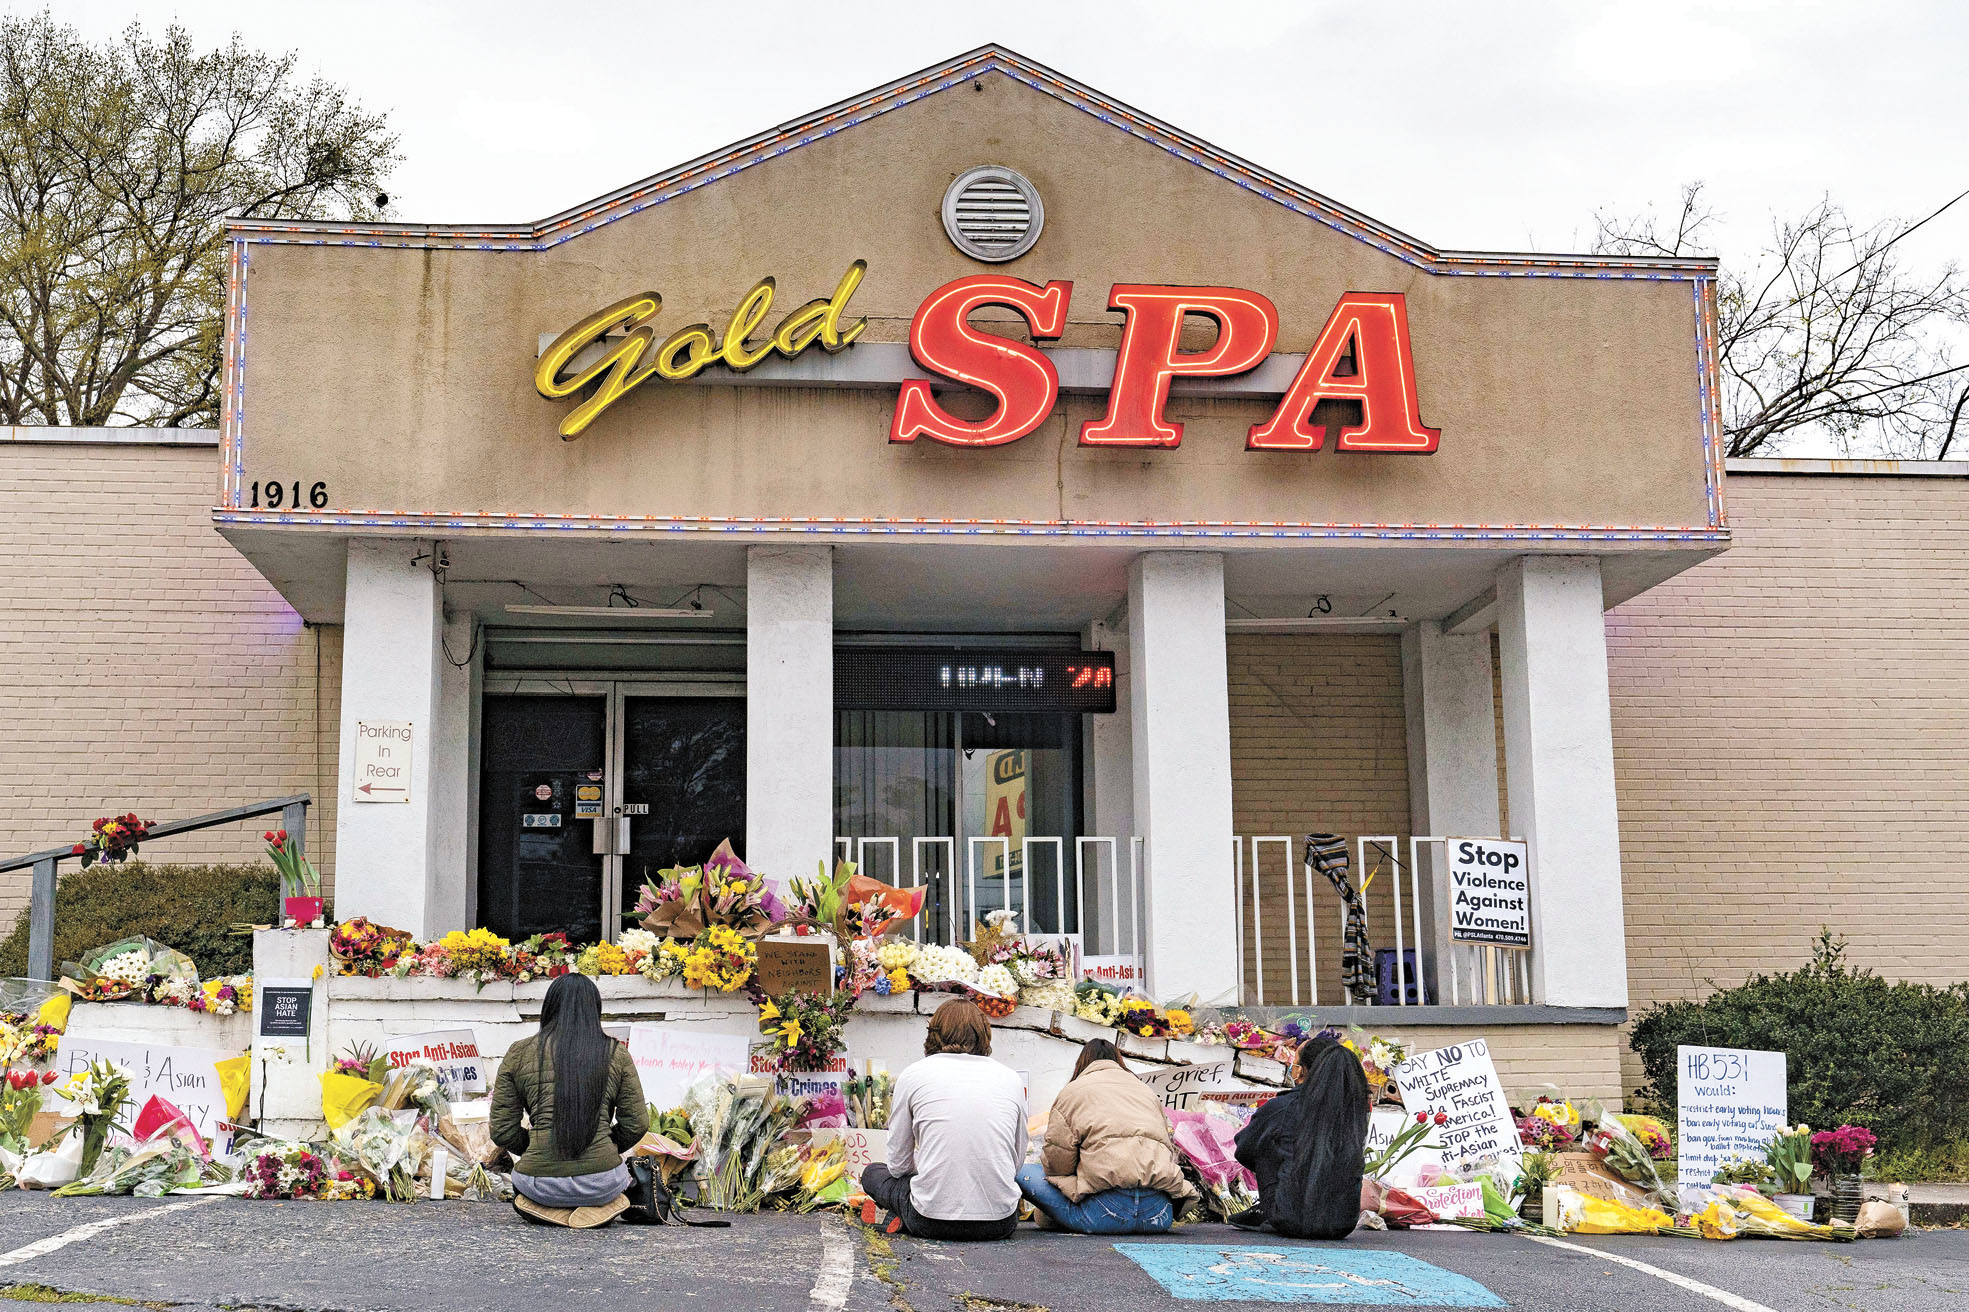 22歲朗格今年3月血洗亞特蘭大地區3家水療院,引發美國多地舉行遊行集會,抗議針對亞裔的歧視行為和仇恨犯罪(小圖)。資料圖片